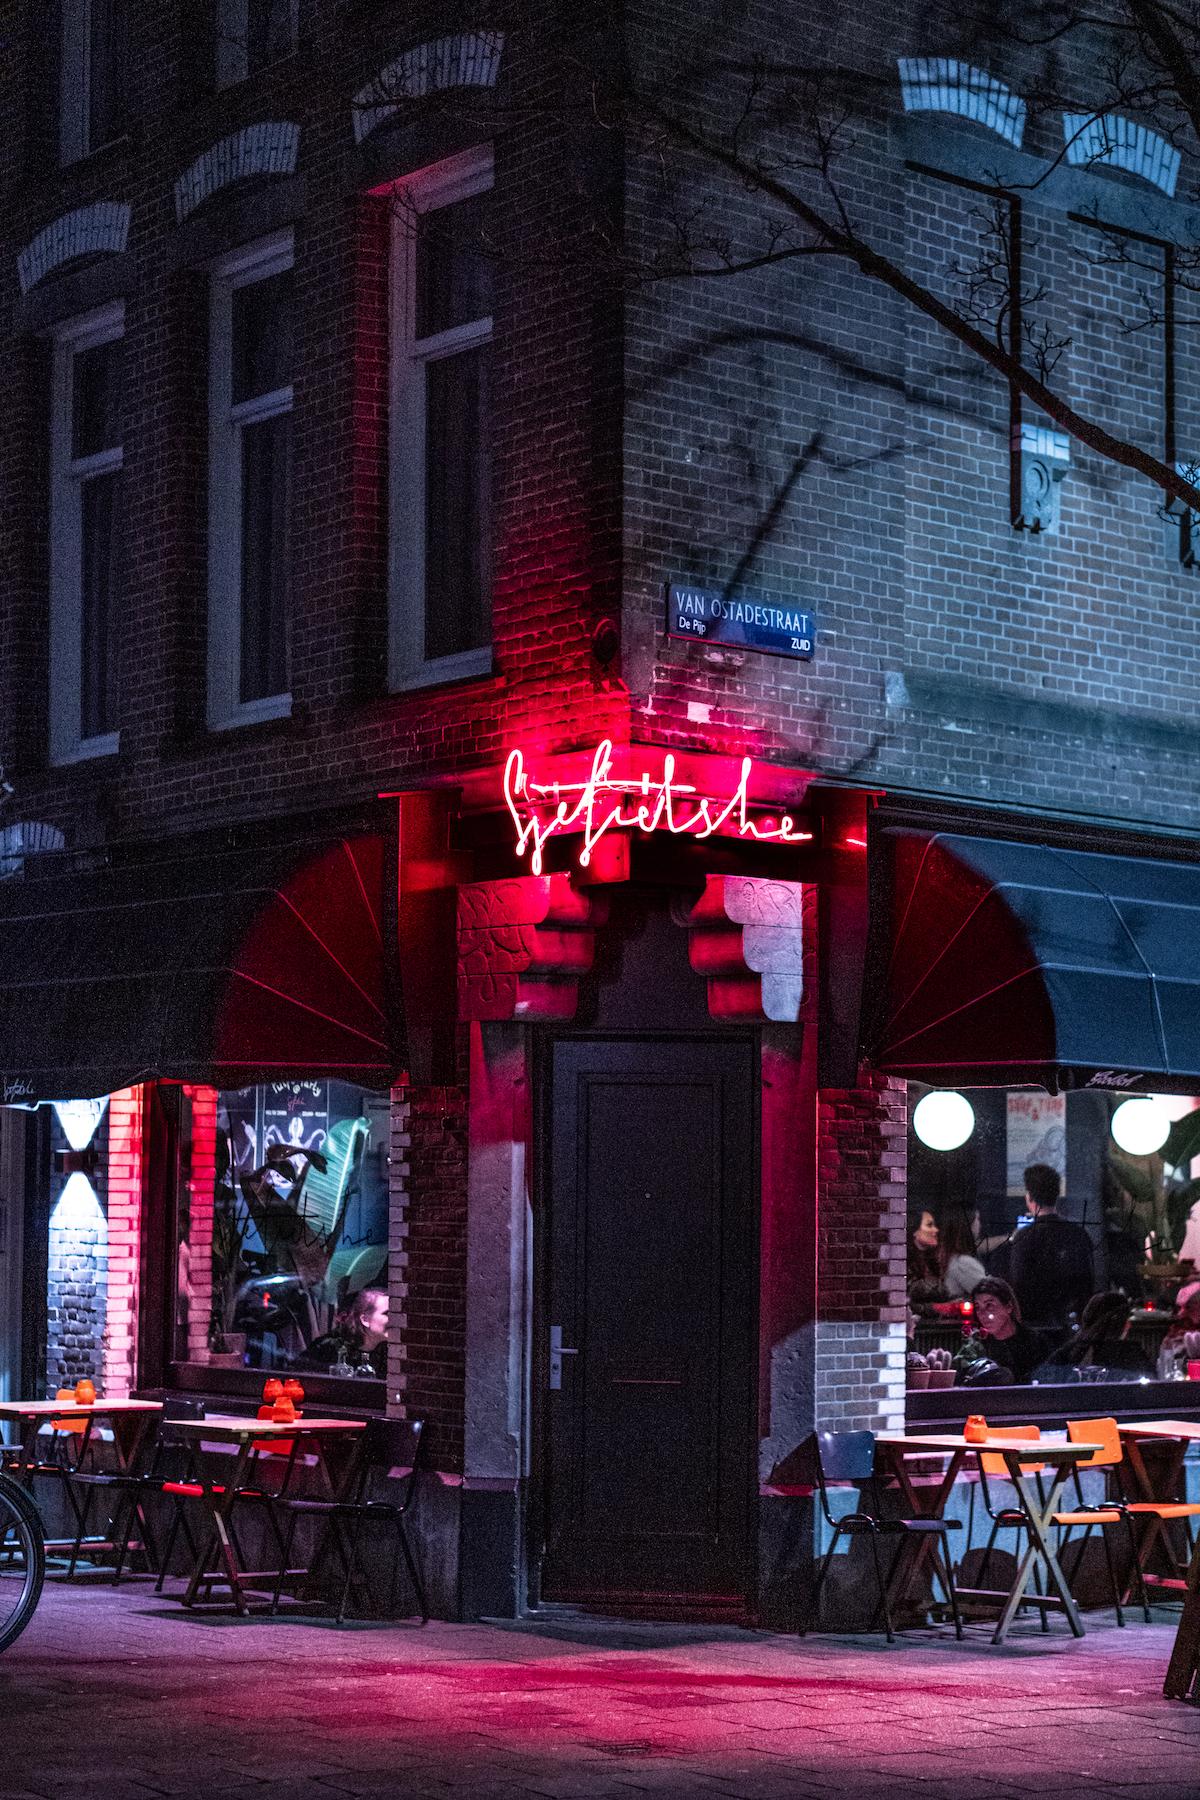 Sjefietshe Amsterdam